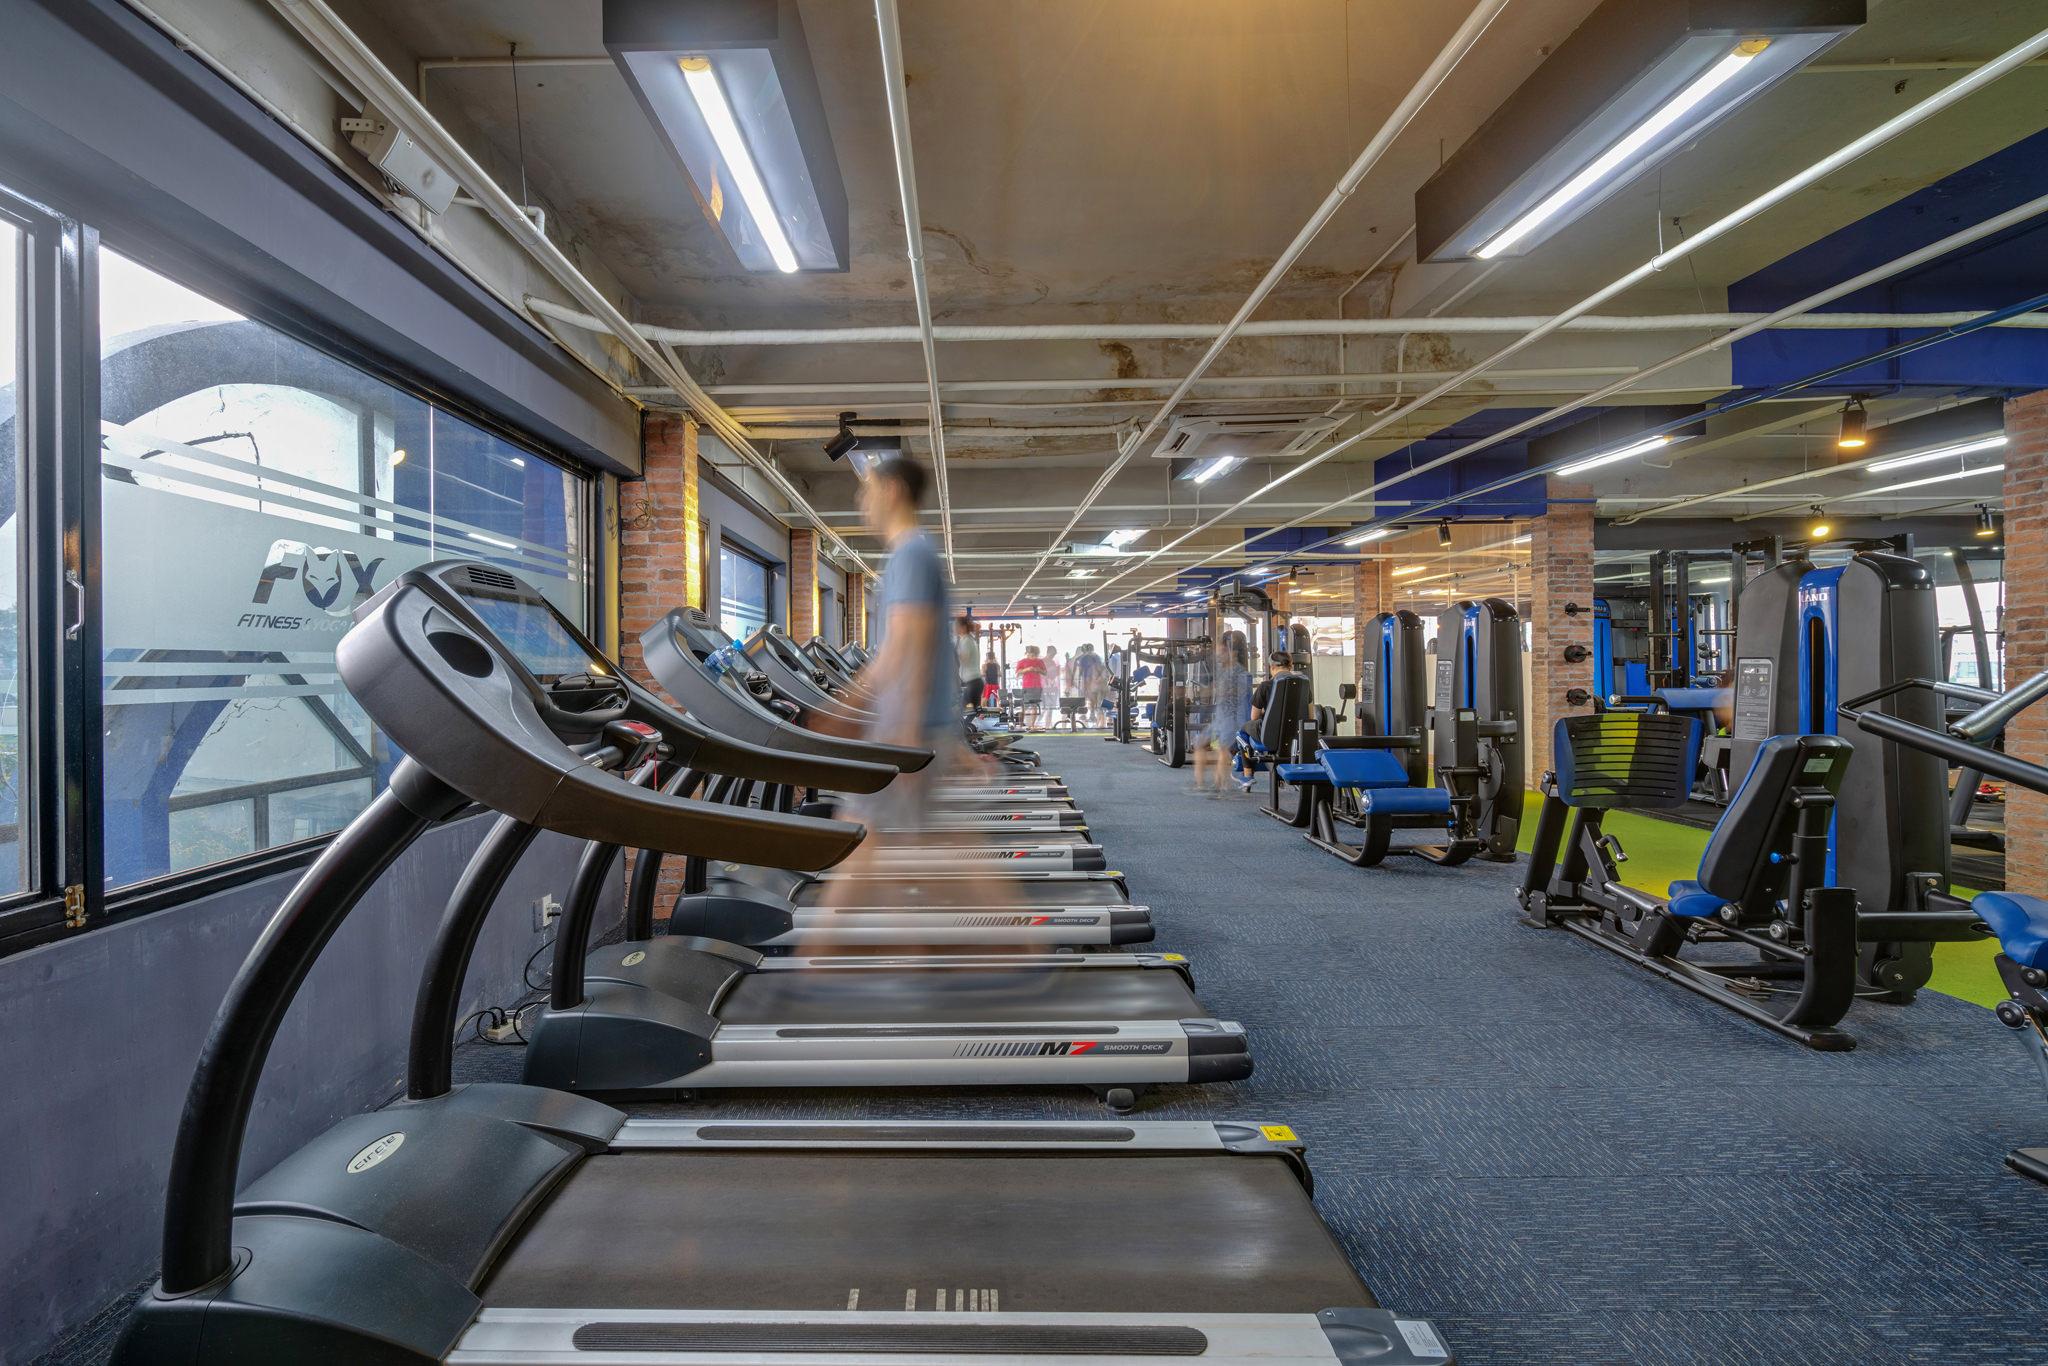 20180504 - Fox fitness - Interior - 29.jpg